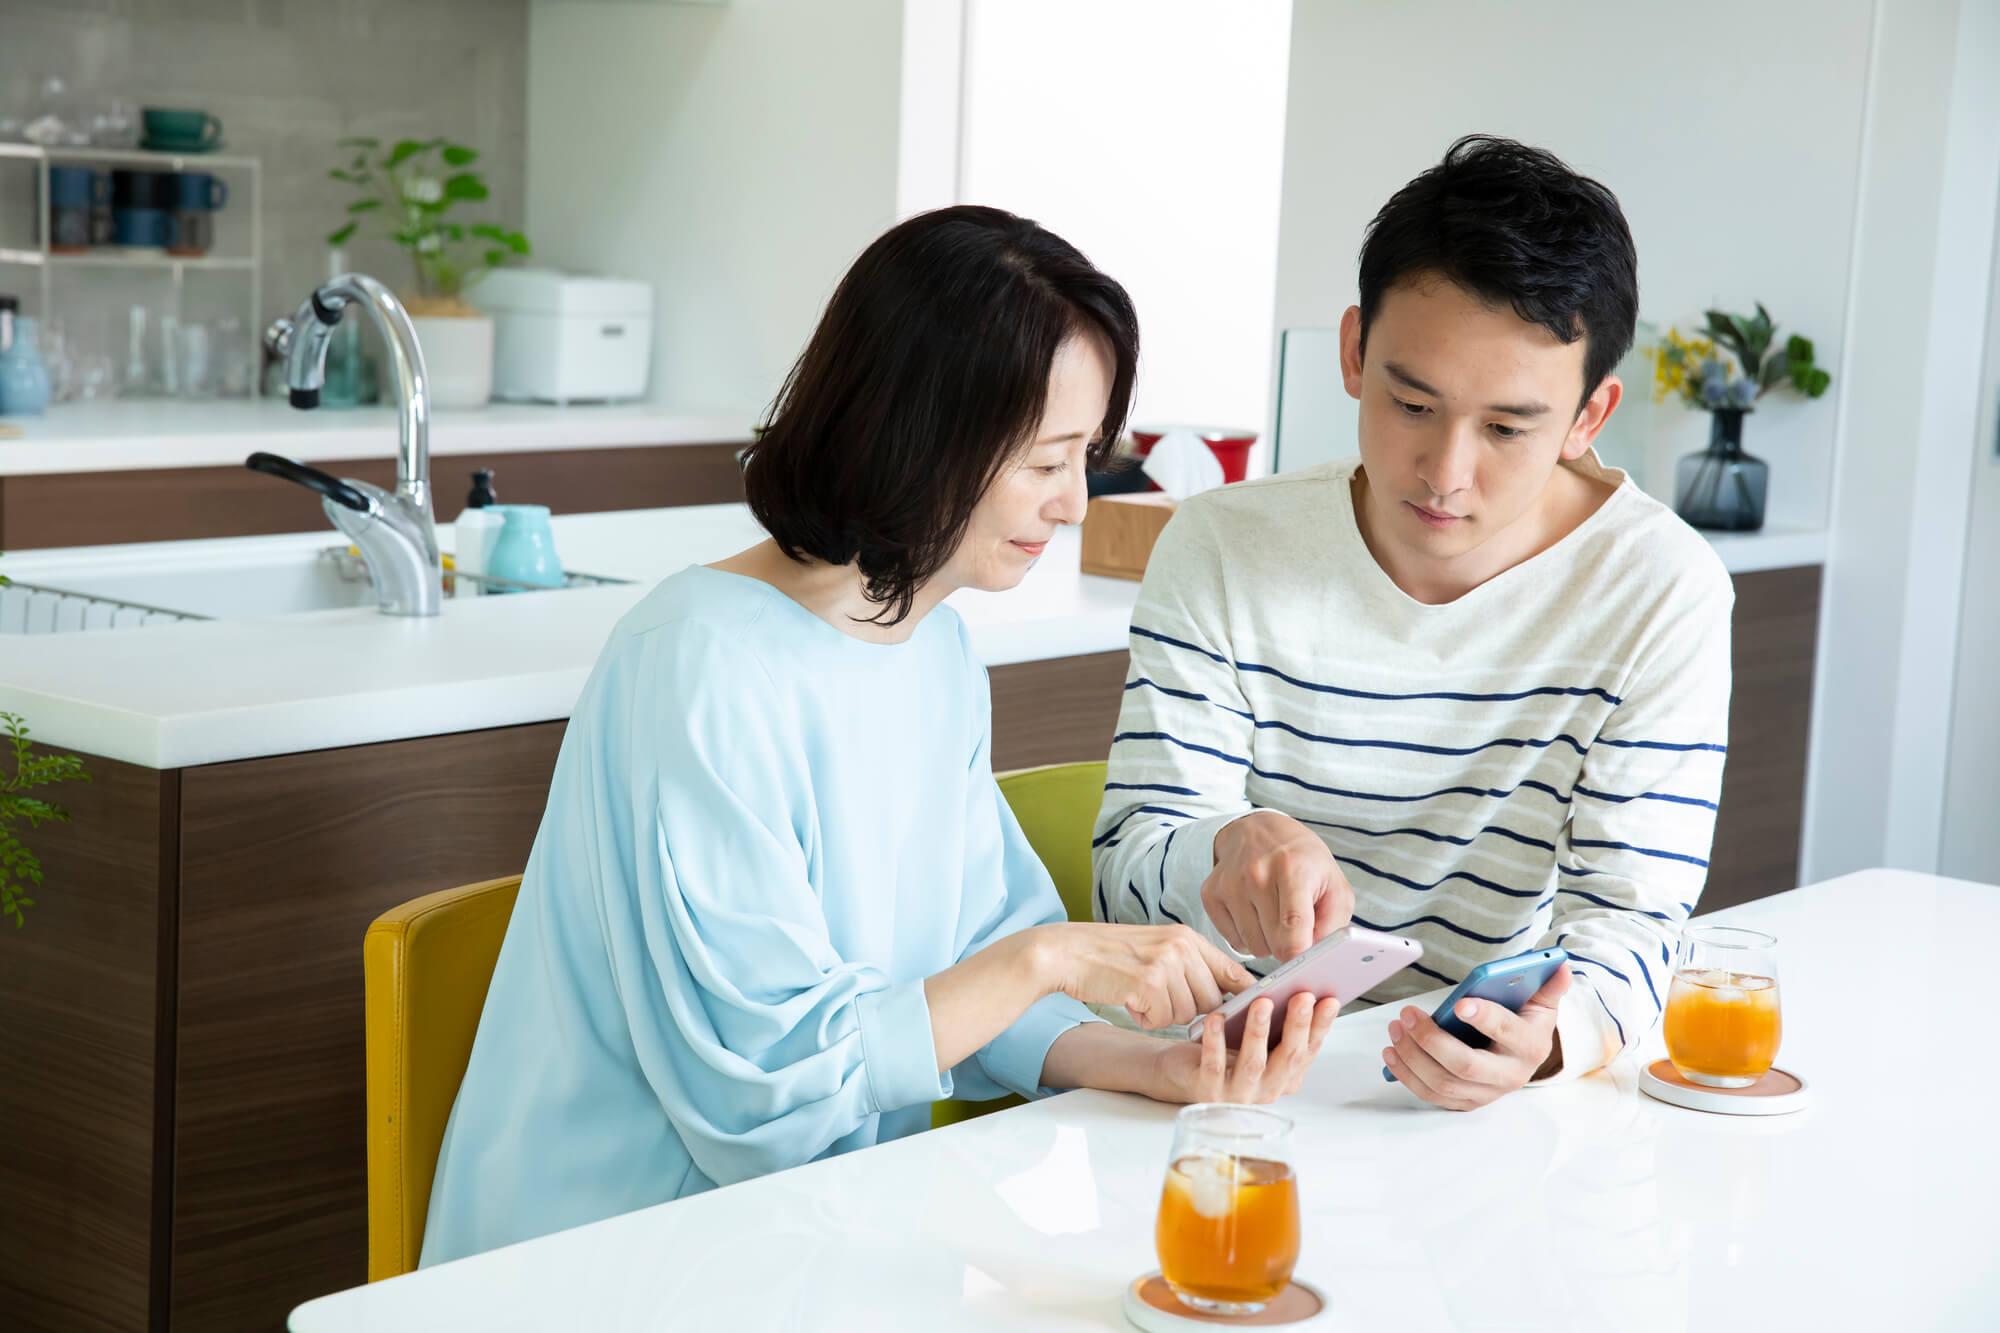 借金をする30代の息子との共依存関係に悩んでいる60代の女性